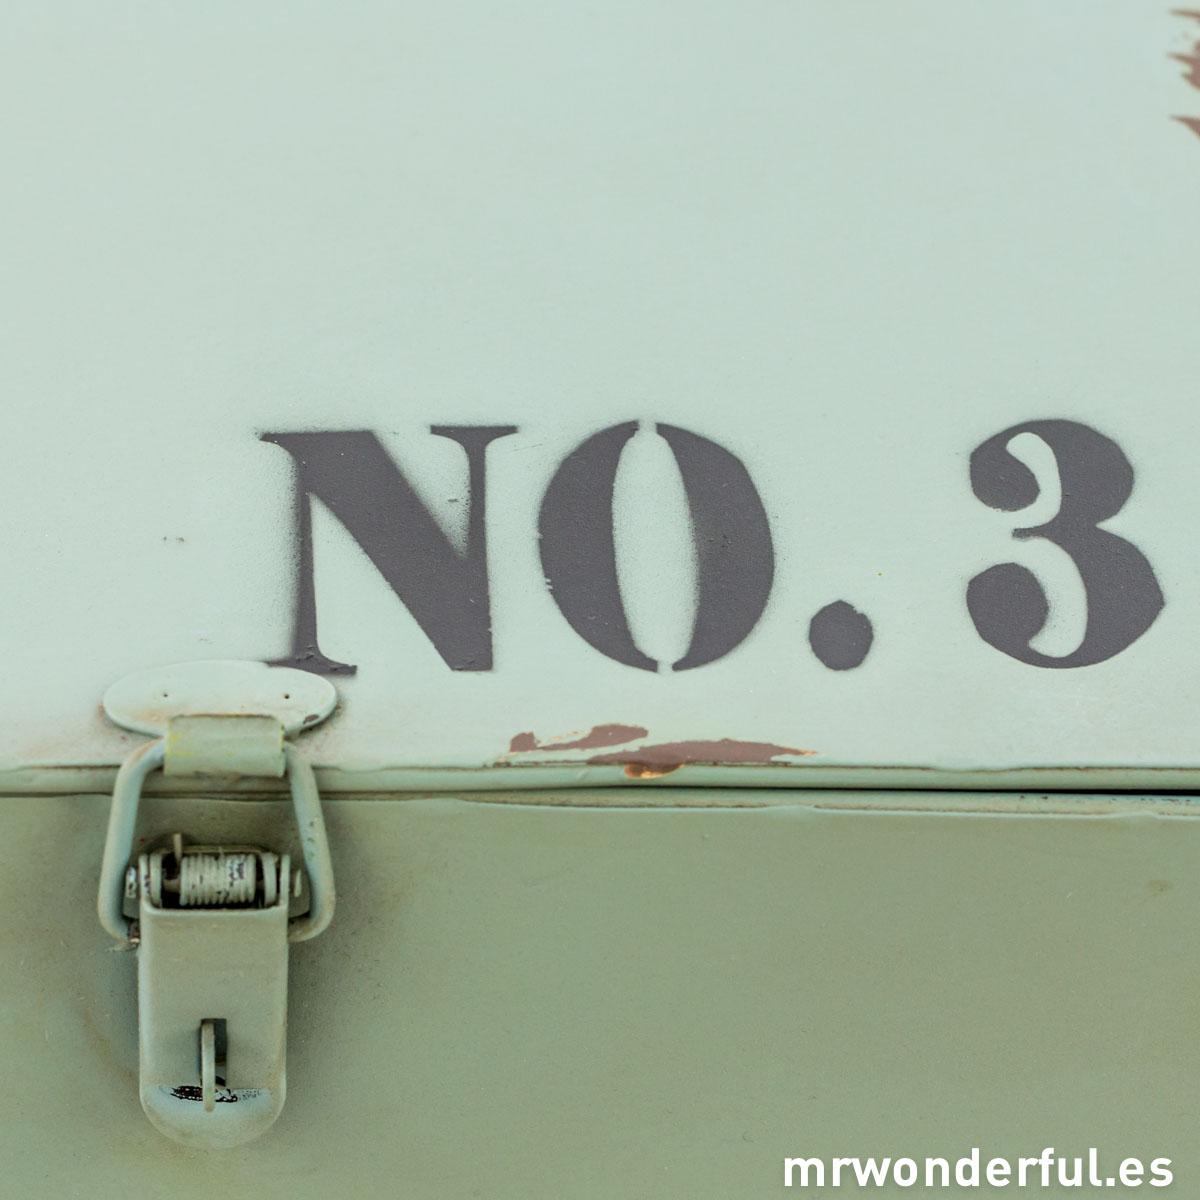 mrwonderful_62899C_Caja-metalica-amarilla-estilo-industrial-3-12